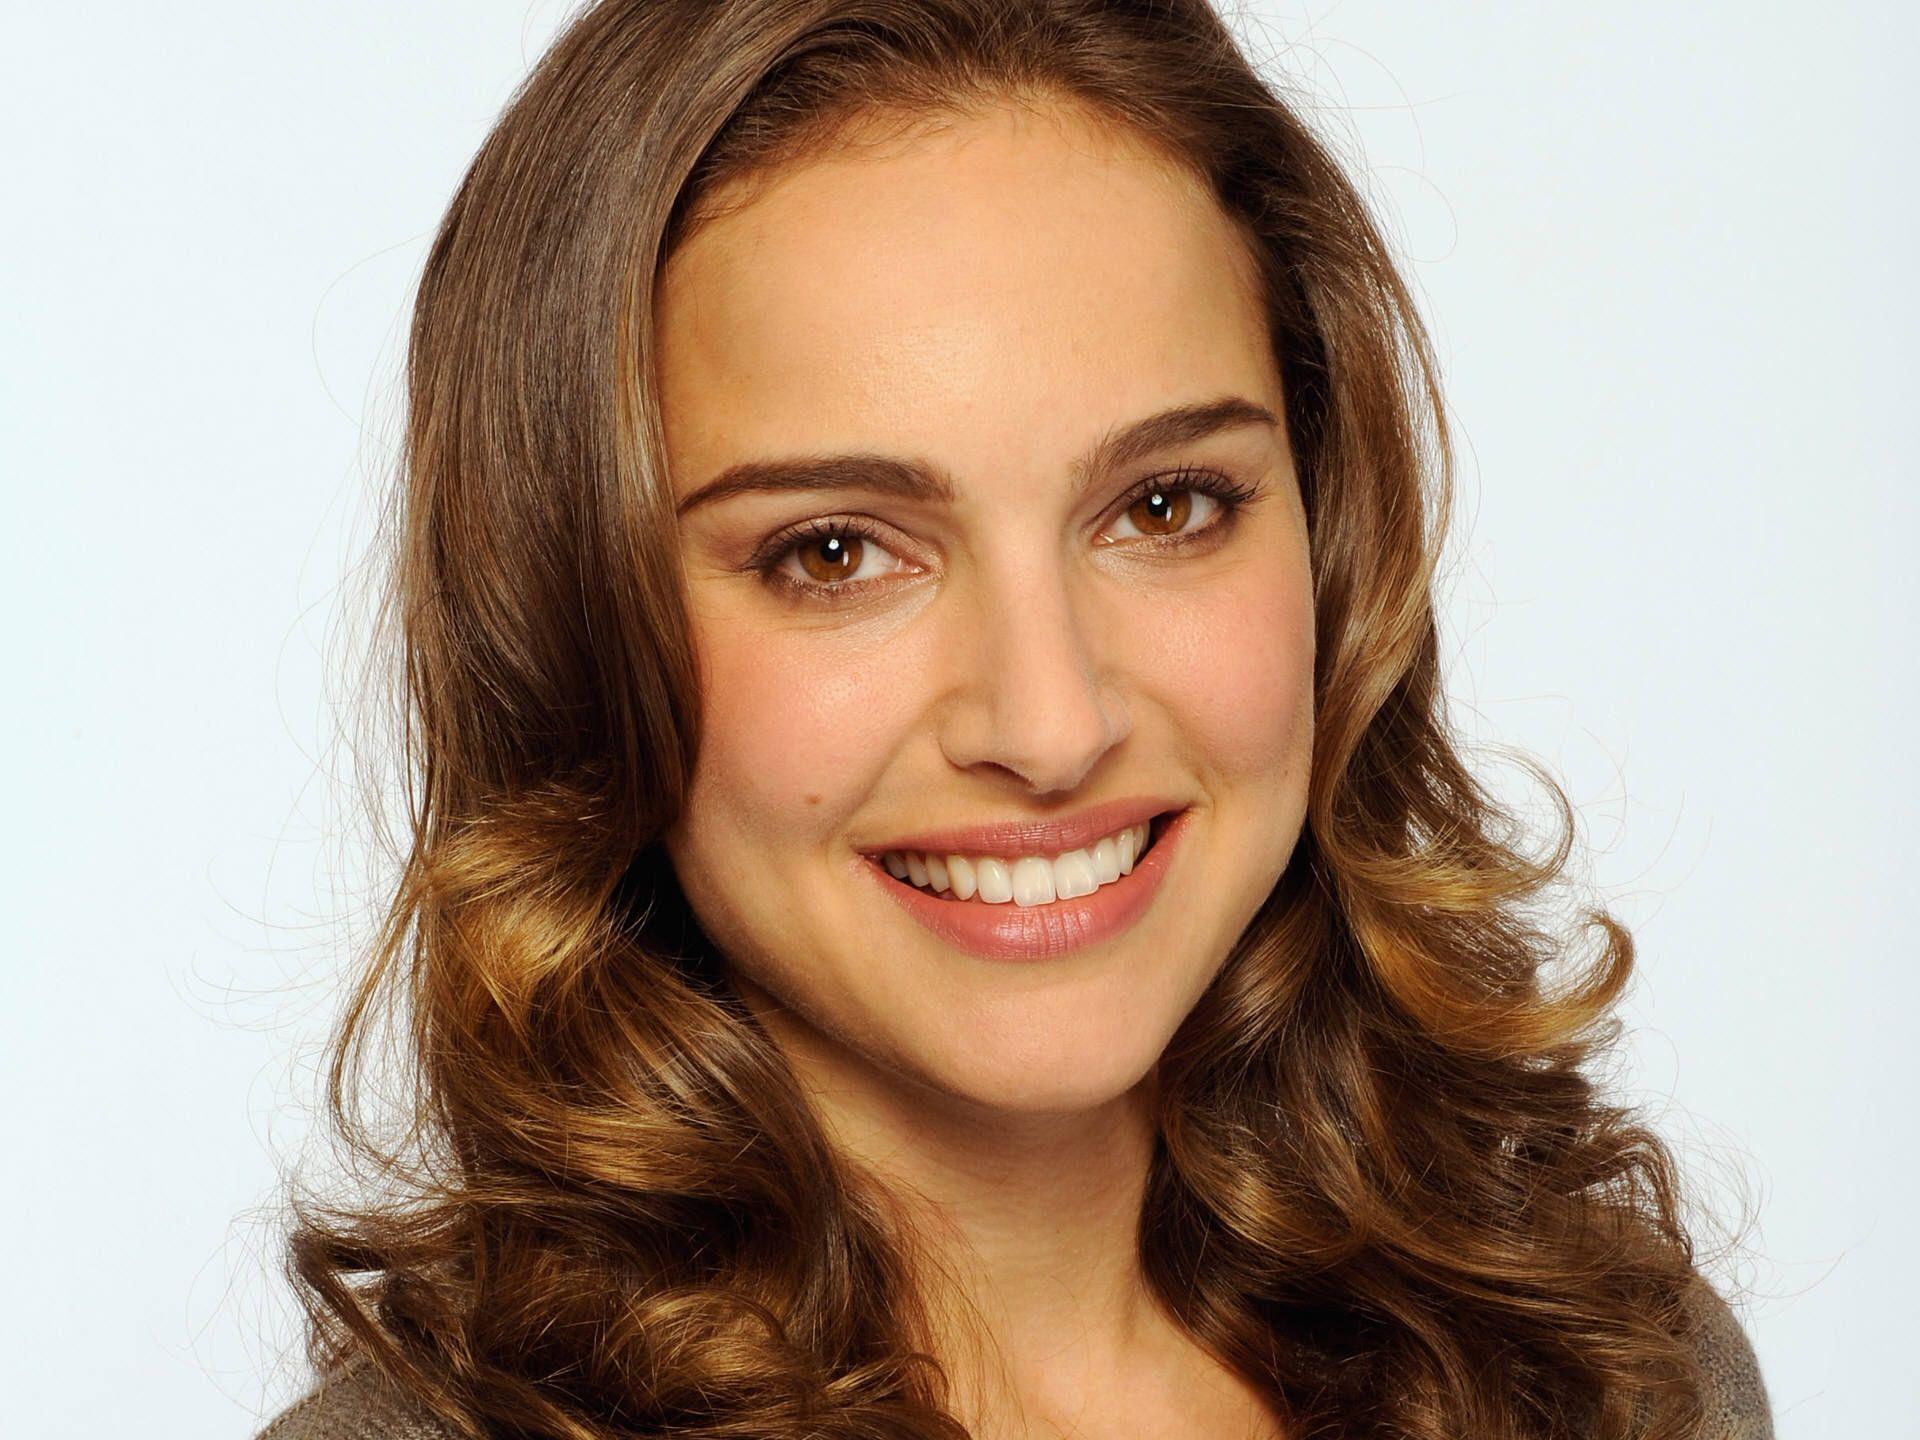 Makeup For Light Brown Hair And Brown Eyes Gemini Celebrities Natalie Portman Brown Hair Brown Eyes